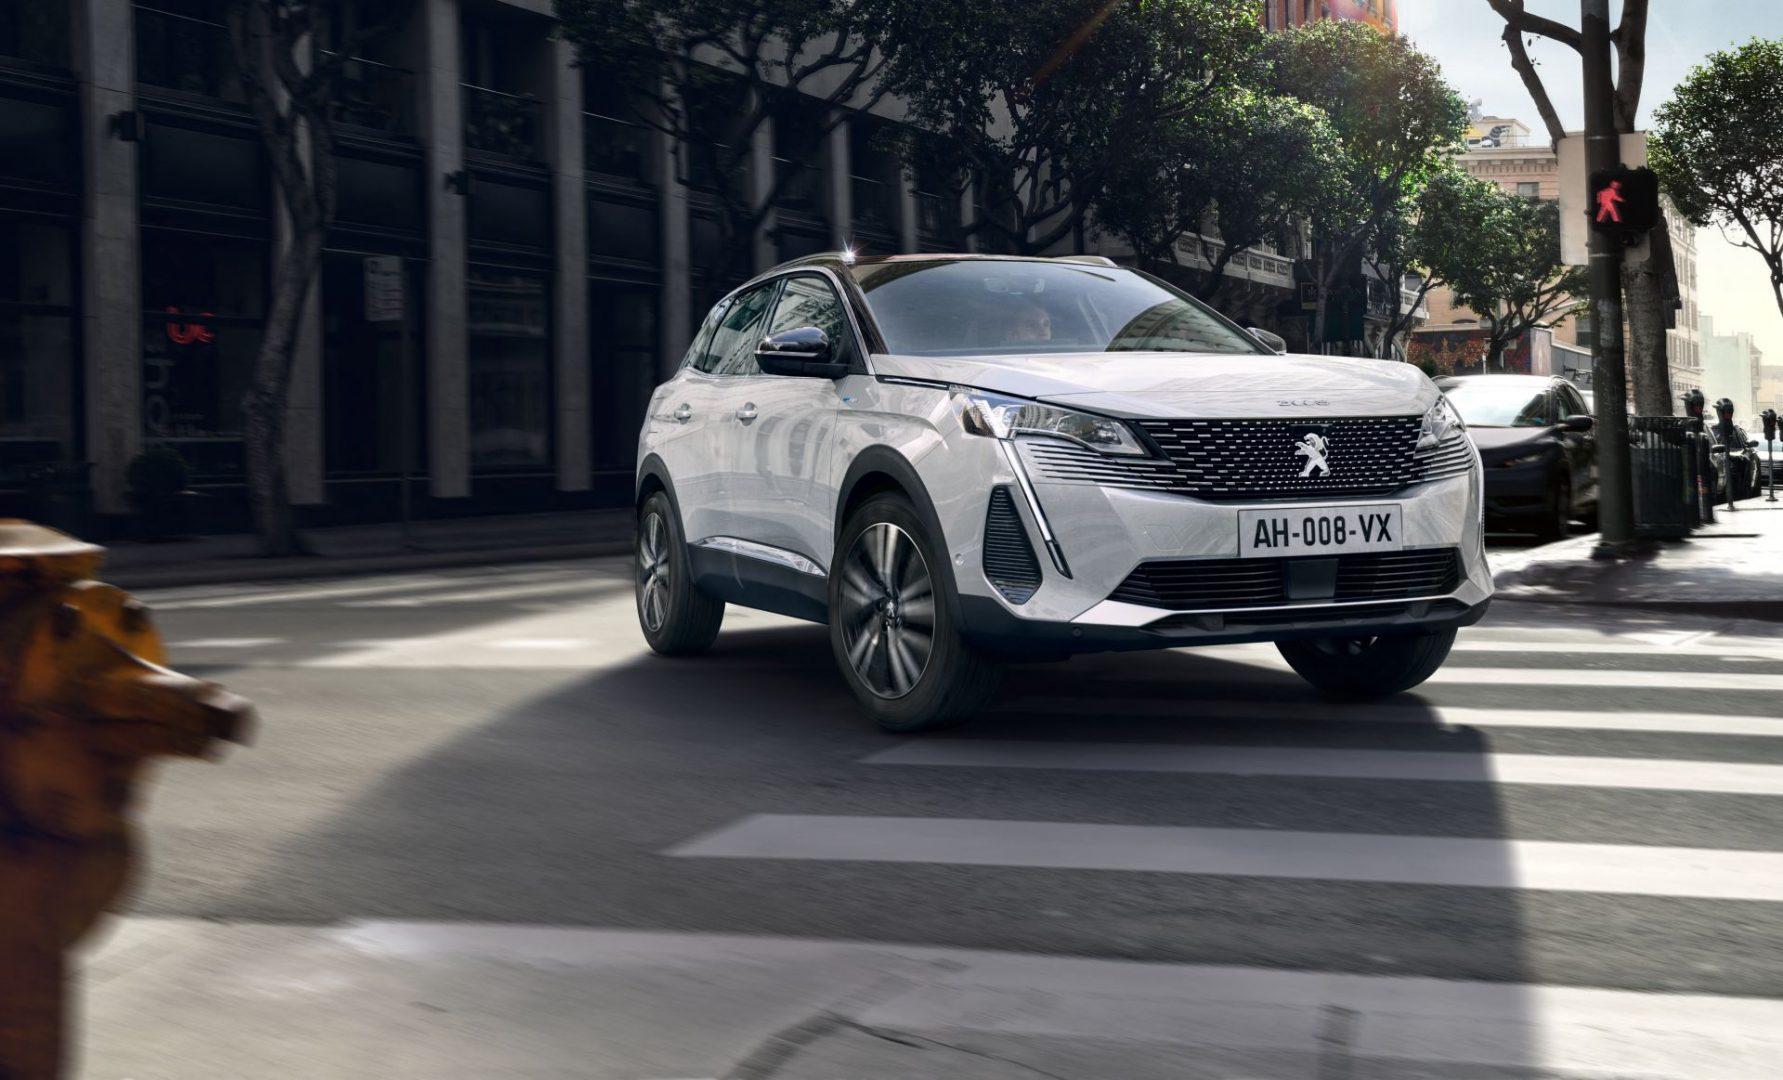 SUV Peugeot 3008 sada dolazi s novim izgledom i tehnologijama